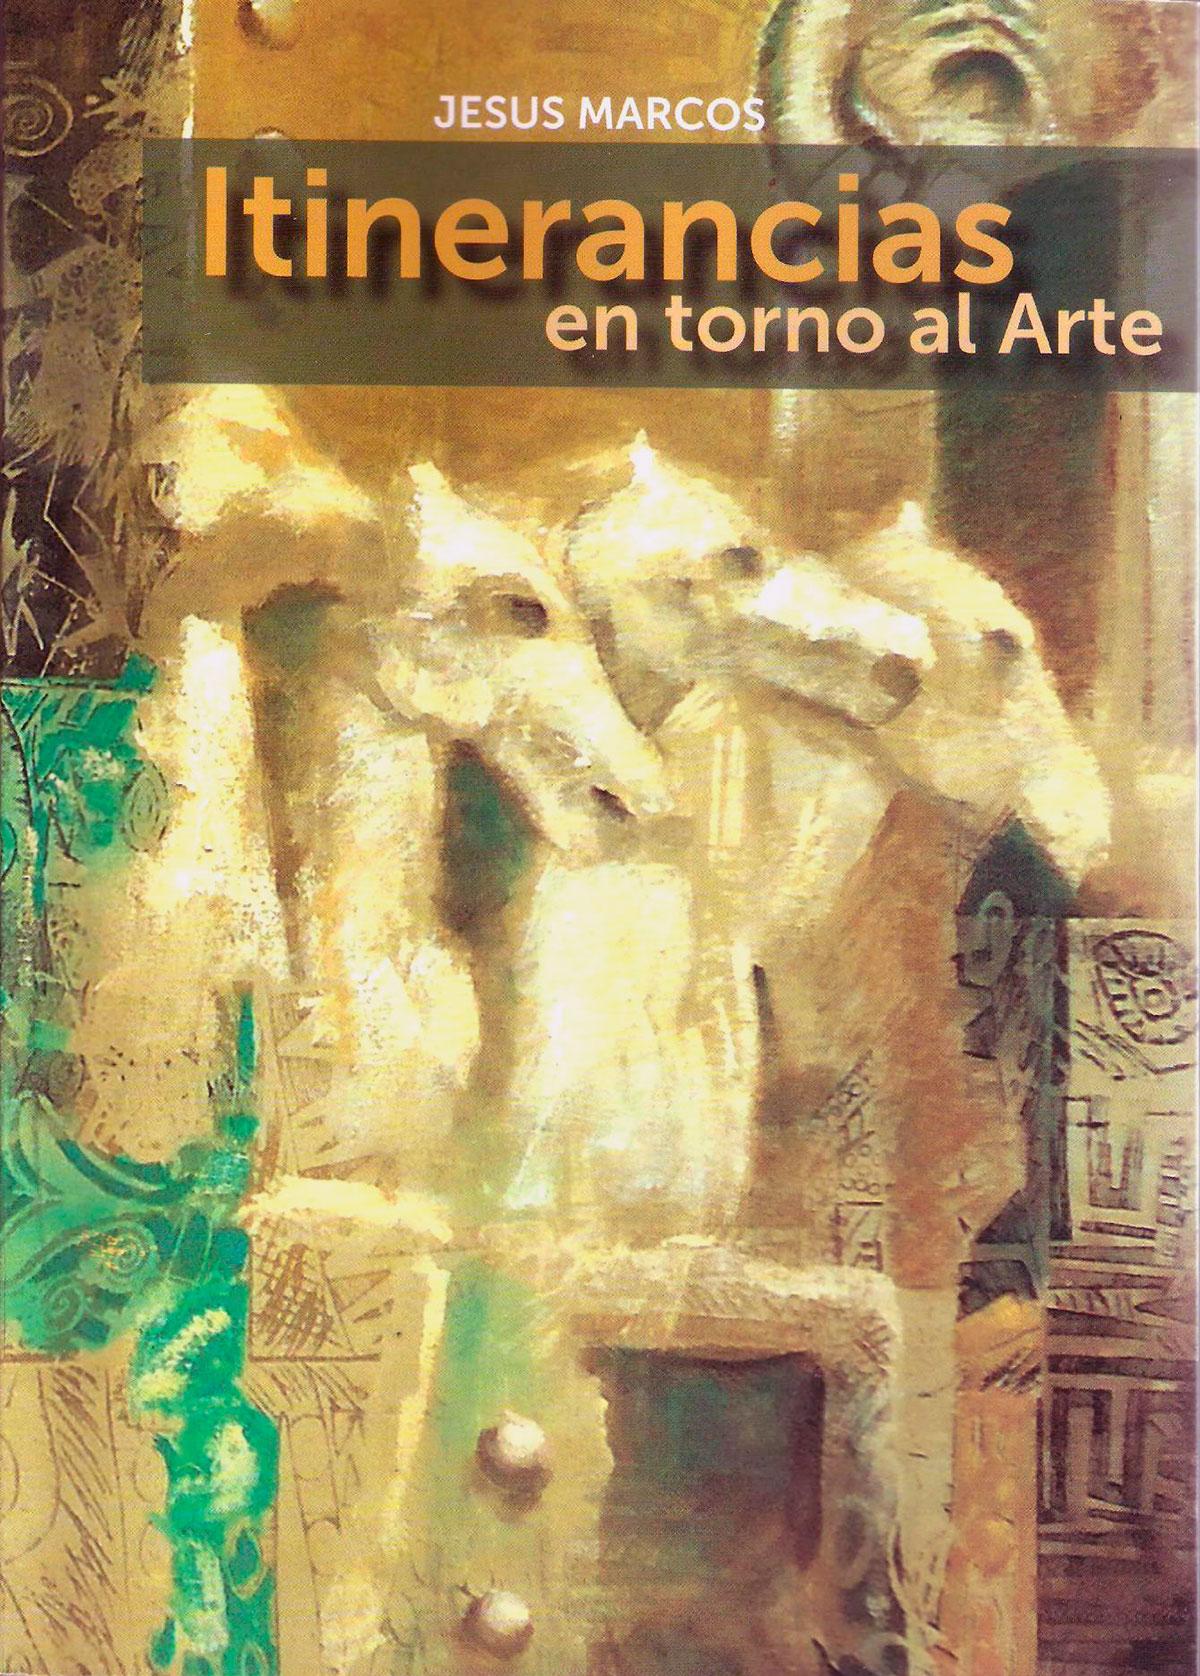 ITINERANCIAS EN TORNO AL ARTE